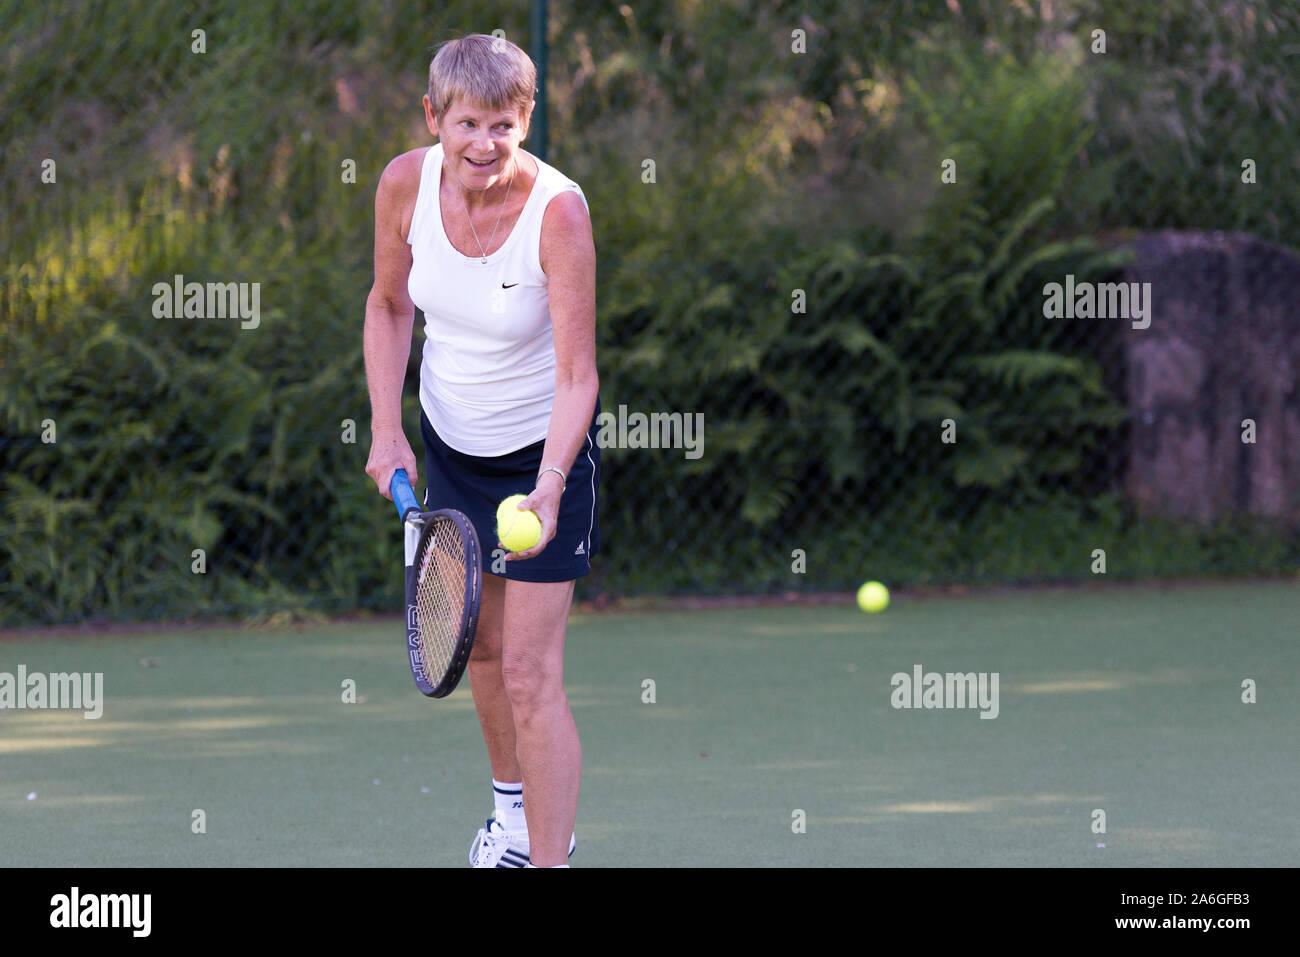 Una competencia de tenis para los ancianos, activo y atlético, Basford tennis club, un evento deportivo, más 50's ejercicio Foto de stock